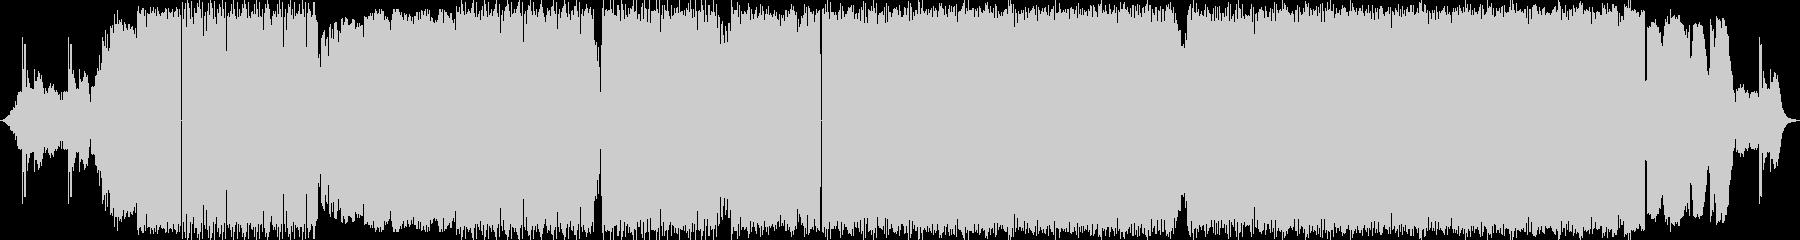 2:53〜のボーカルが特徴的な曲の未再生の波形